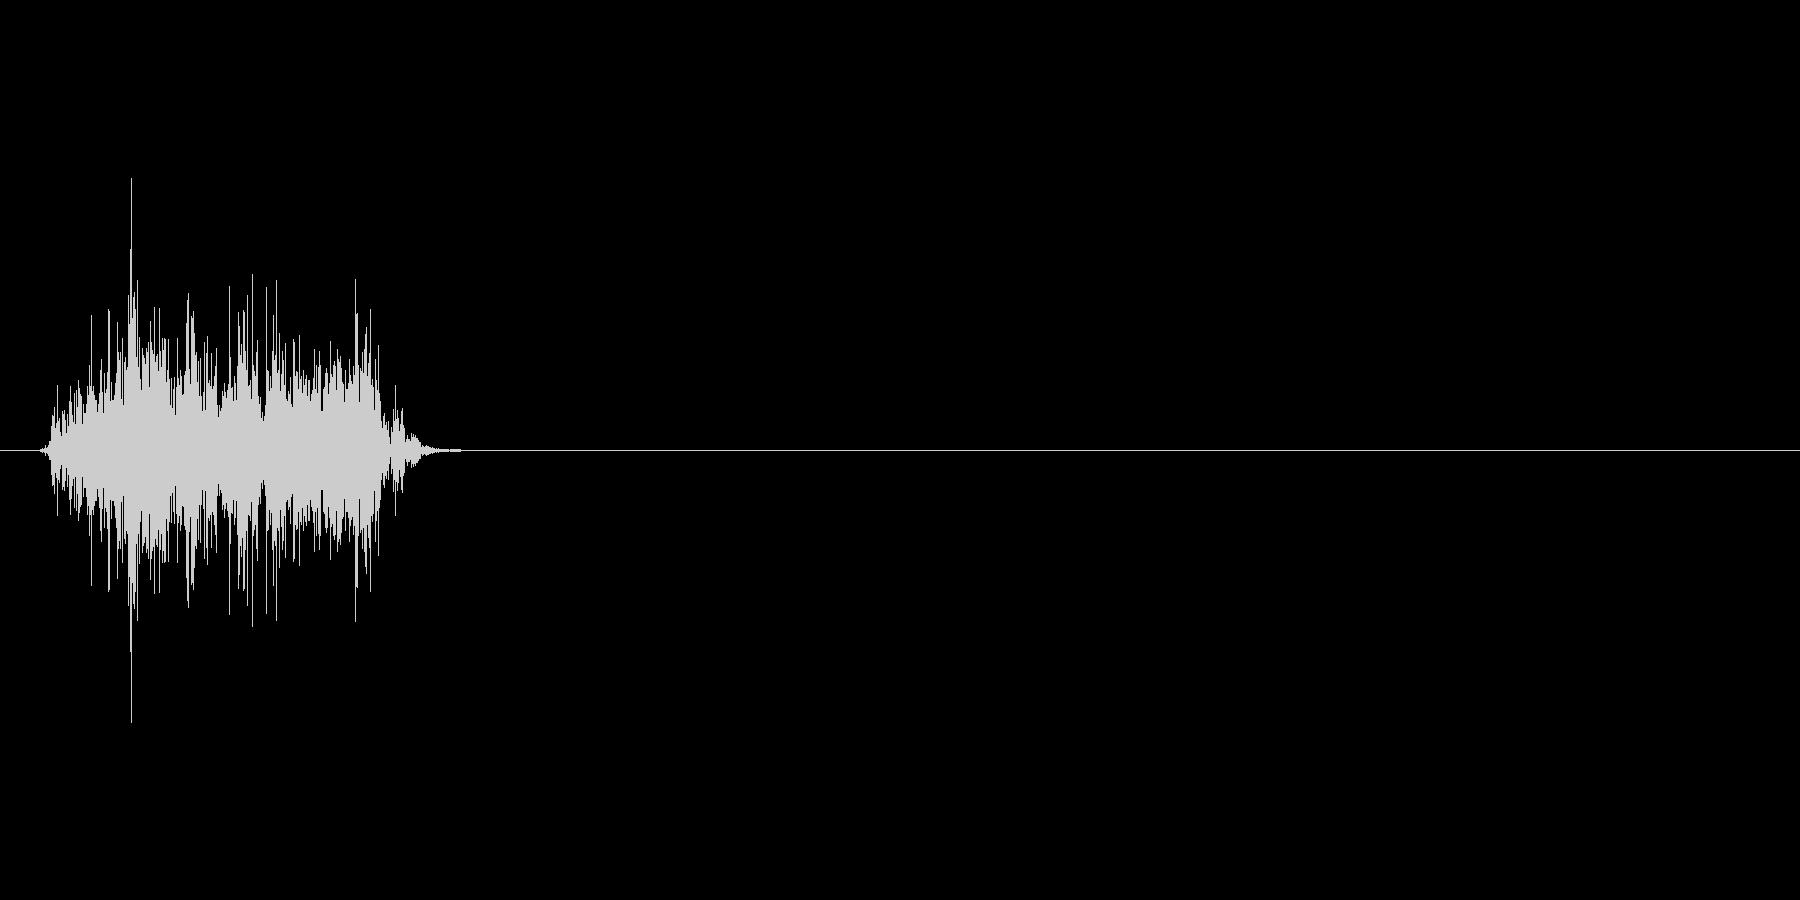 びりっ(紙をやぶる音)の未再生の波形